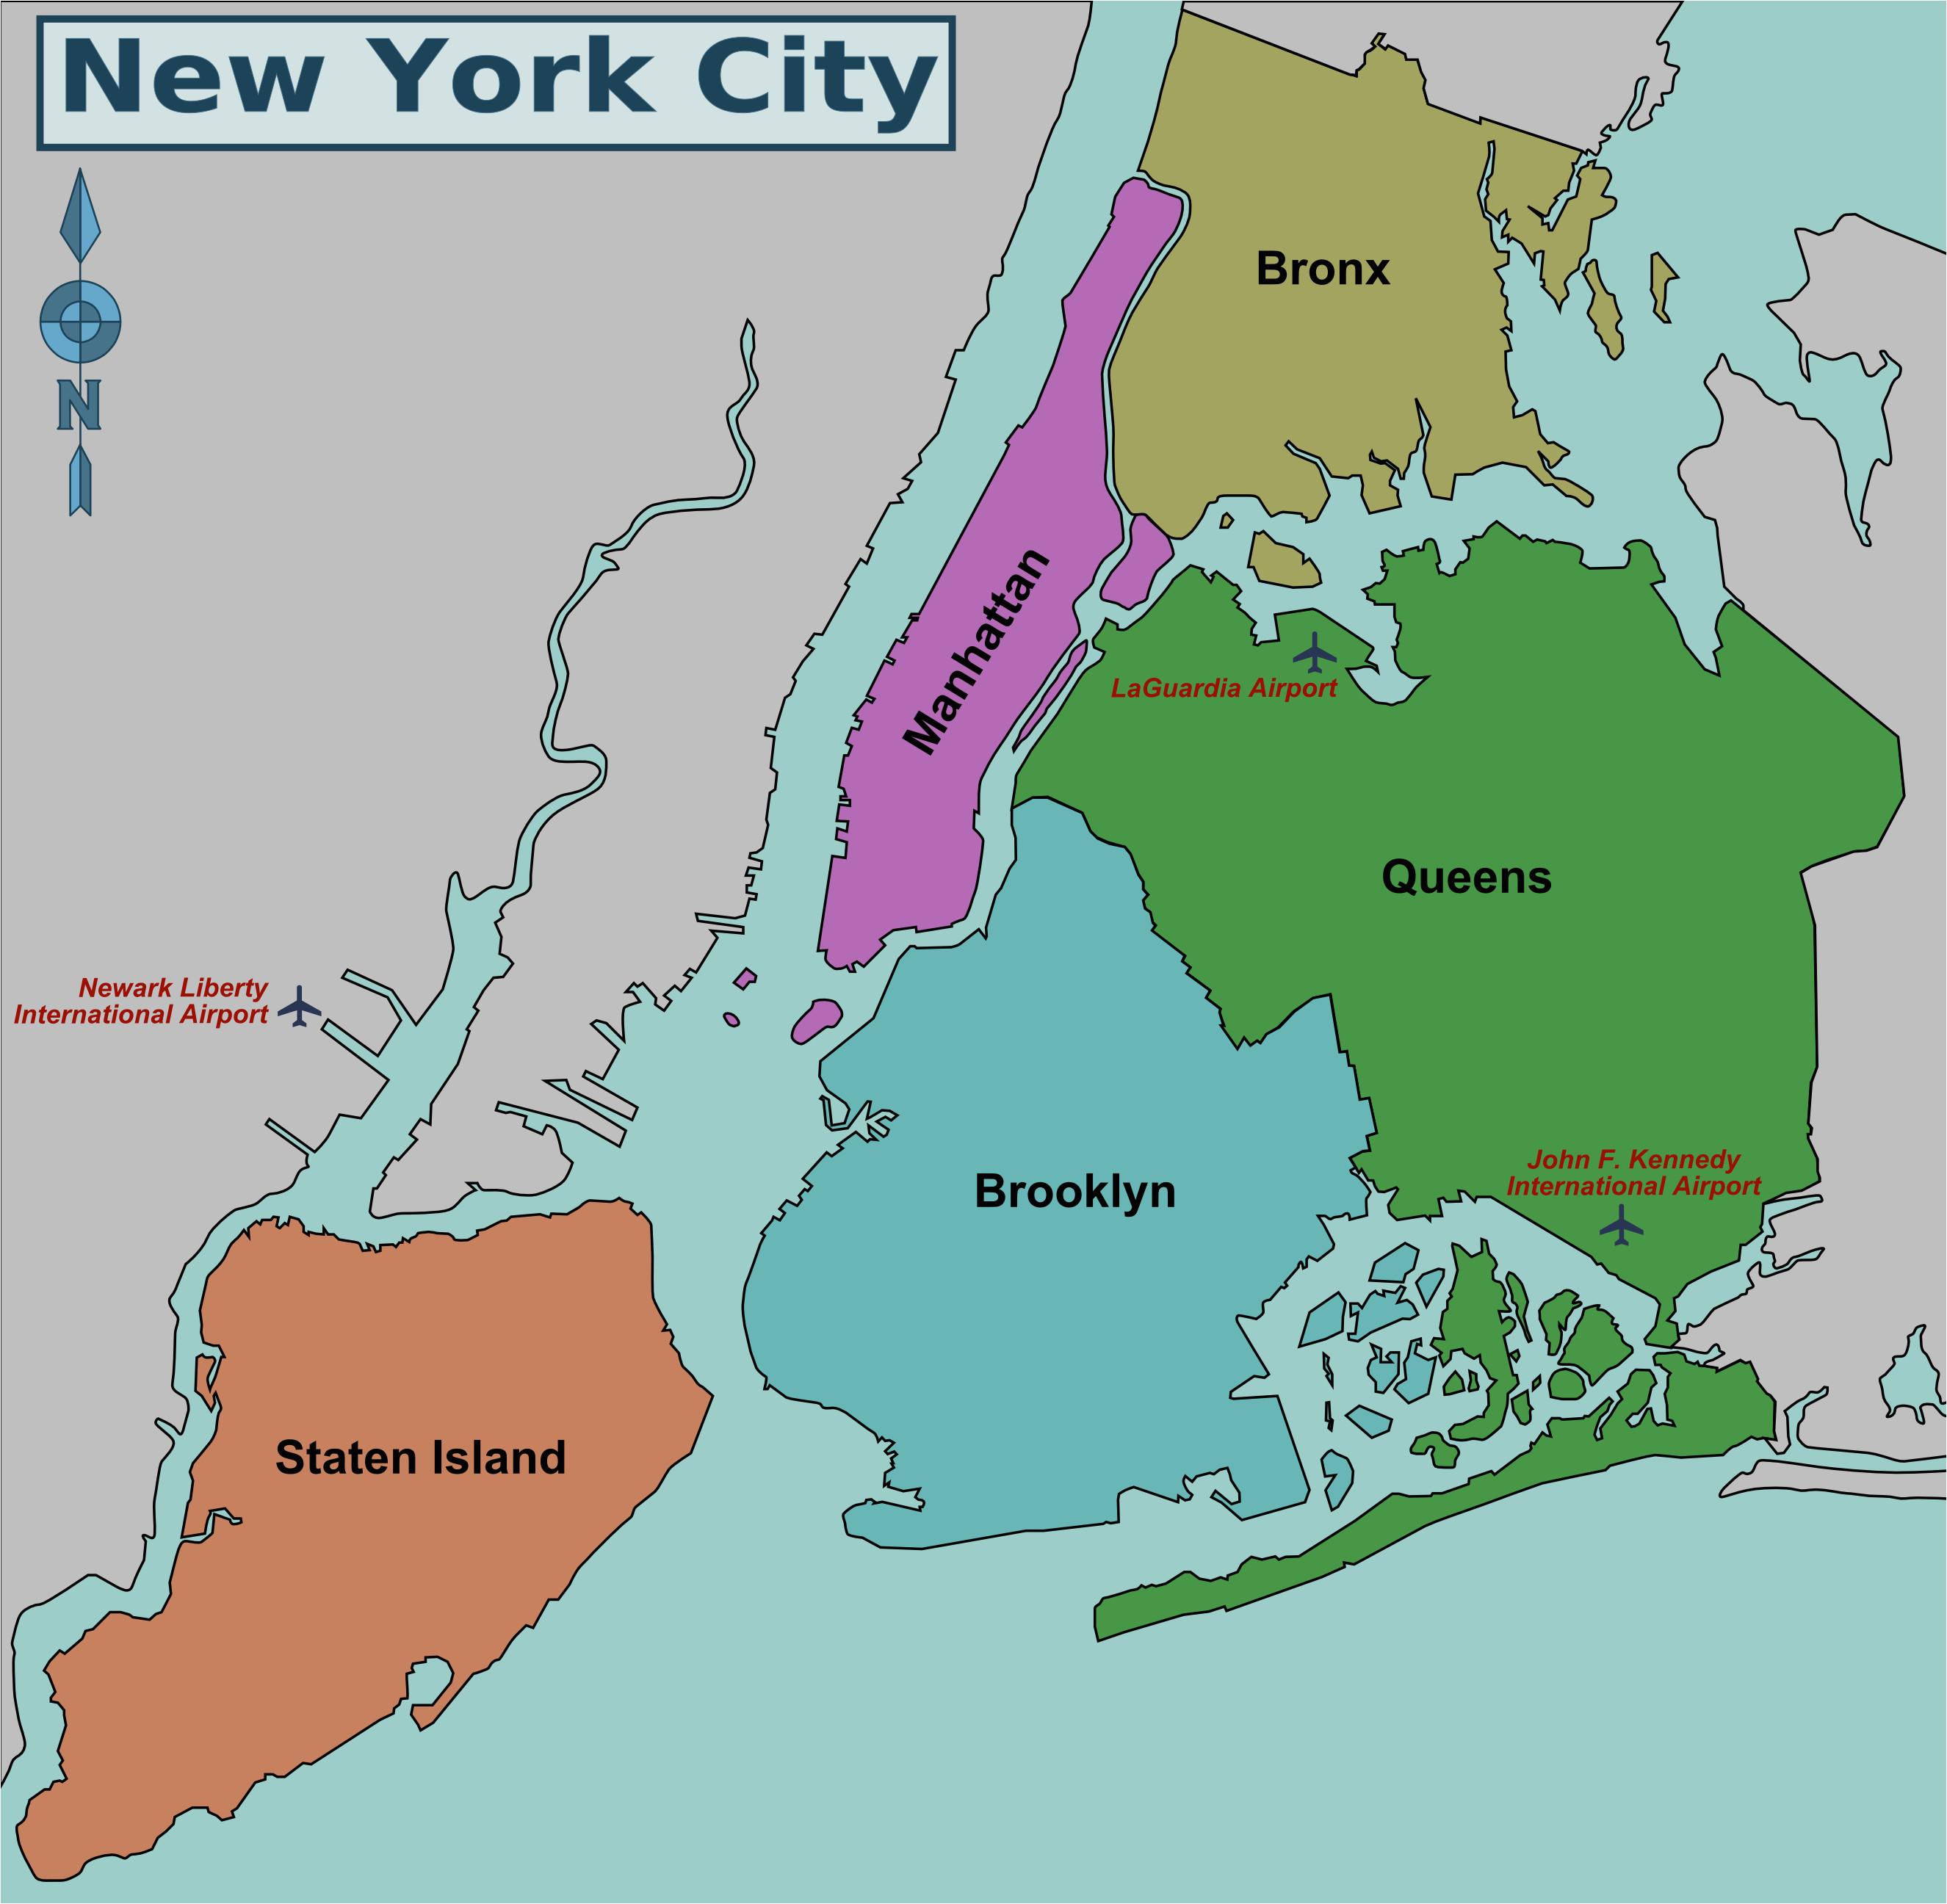 map of nyc 5 boroughs neighborhoods